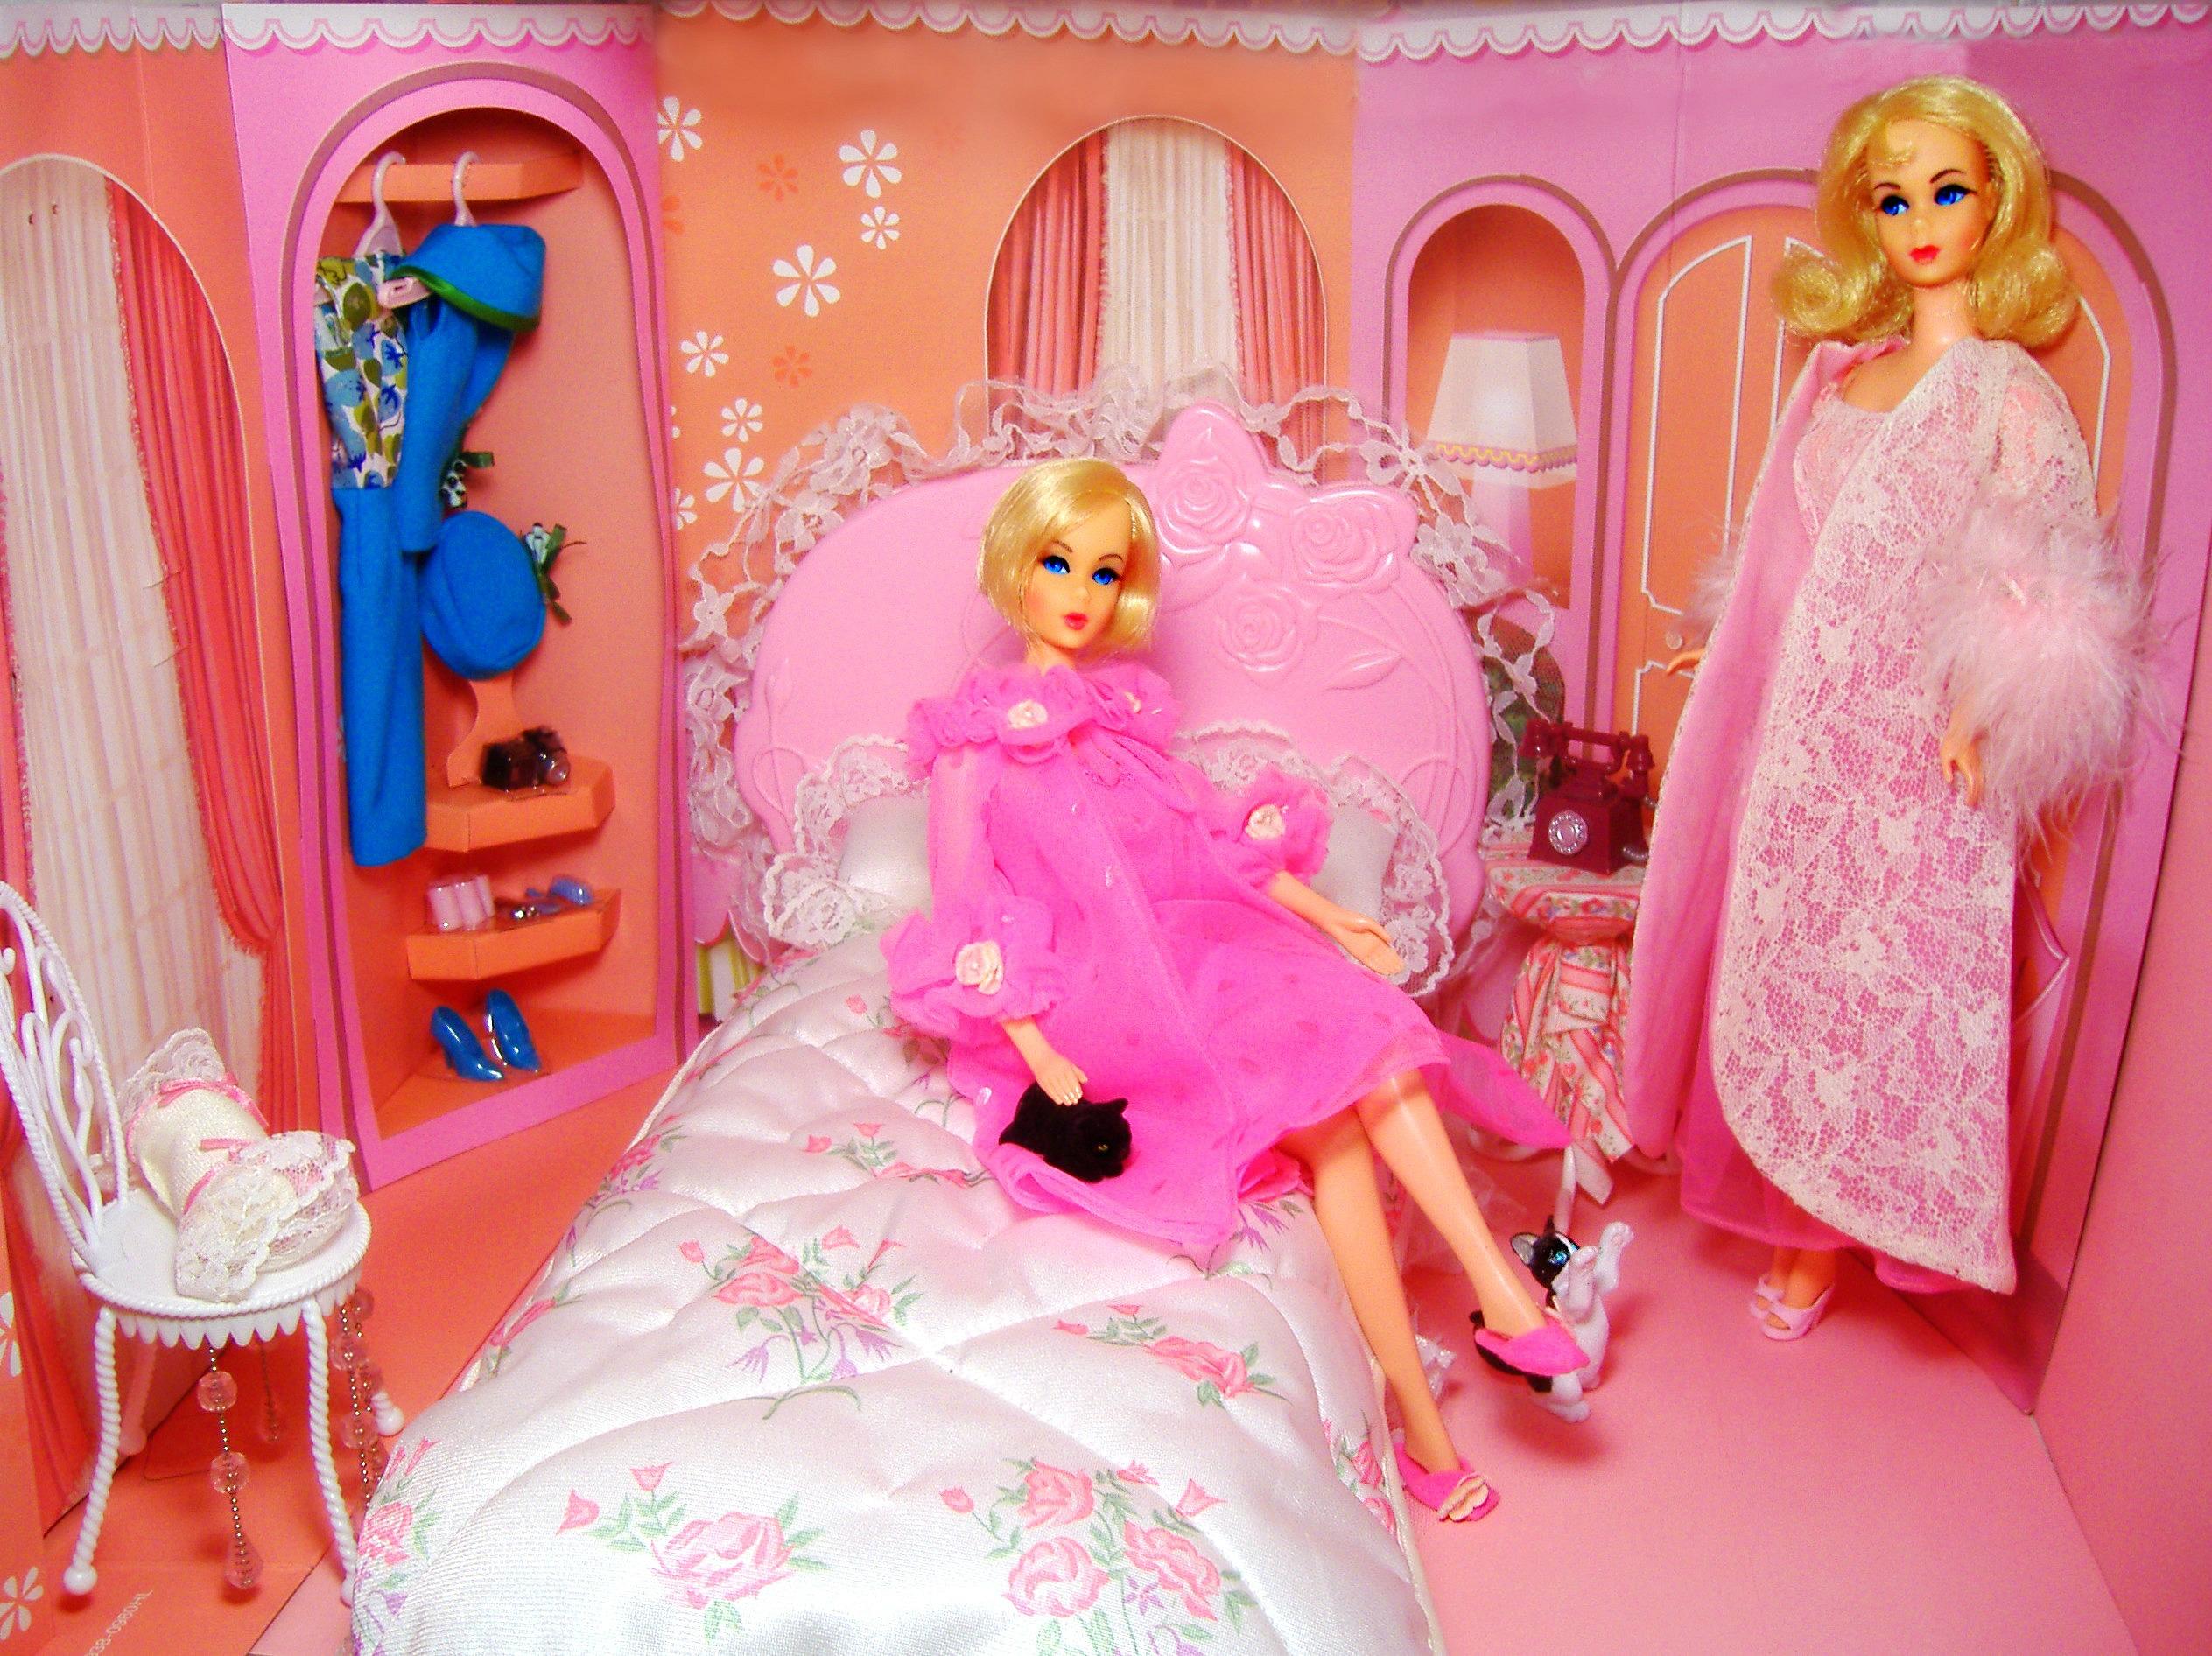 barbie seng Baggrunde : lyserød, roser, årgang, hår, seng, mod, sød, vinyl  barbie seng